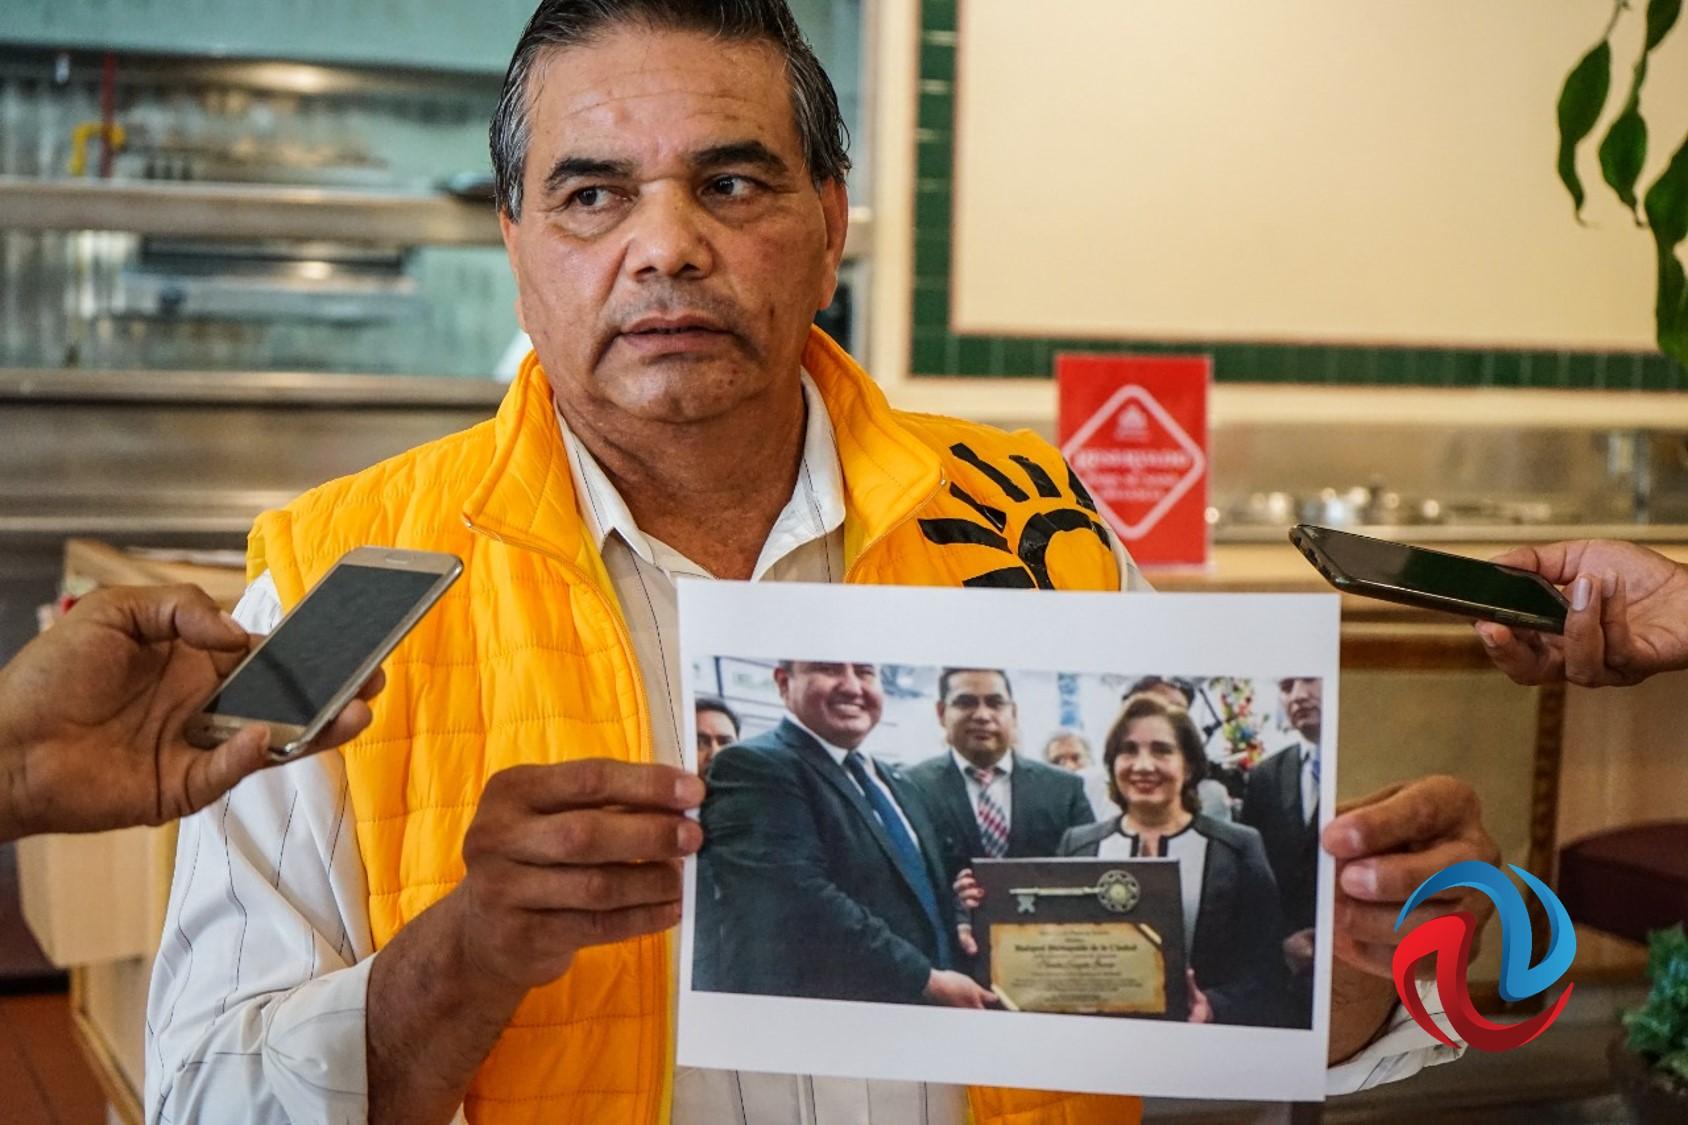 Acusan de nepotismo al dirigente del PRD, piden su renuncia